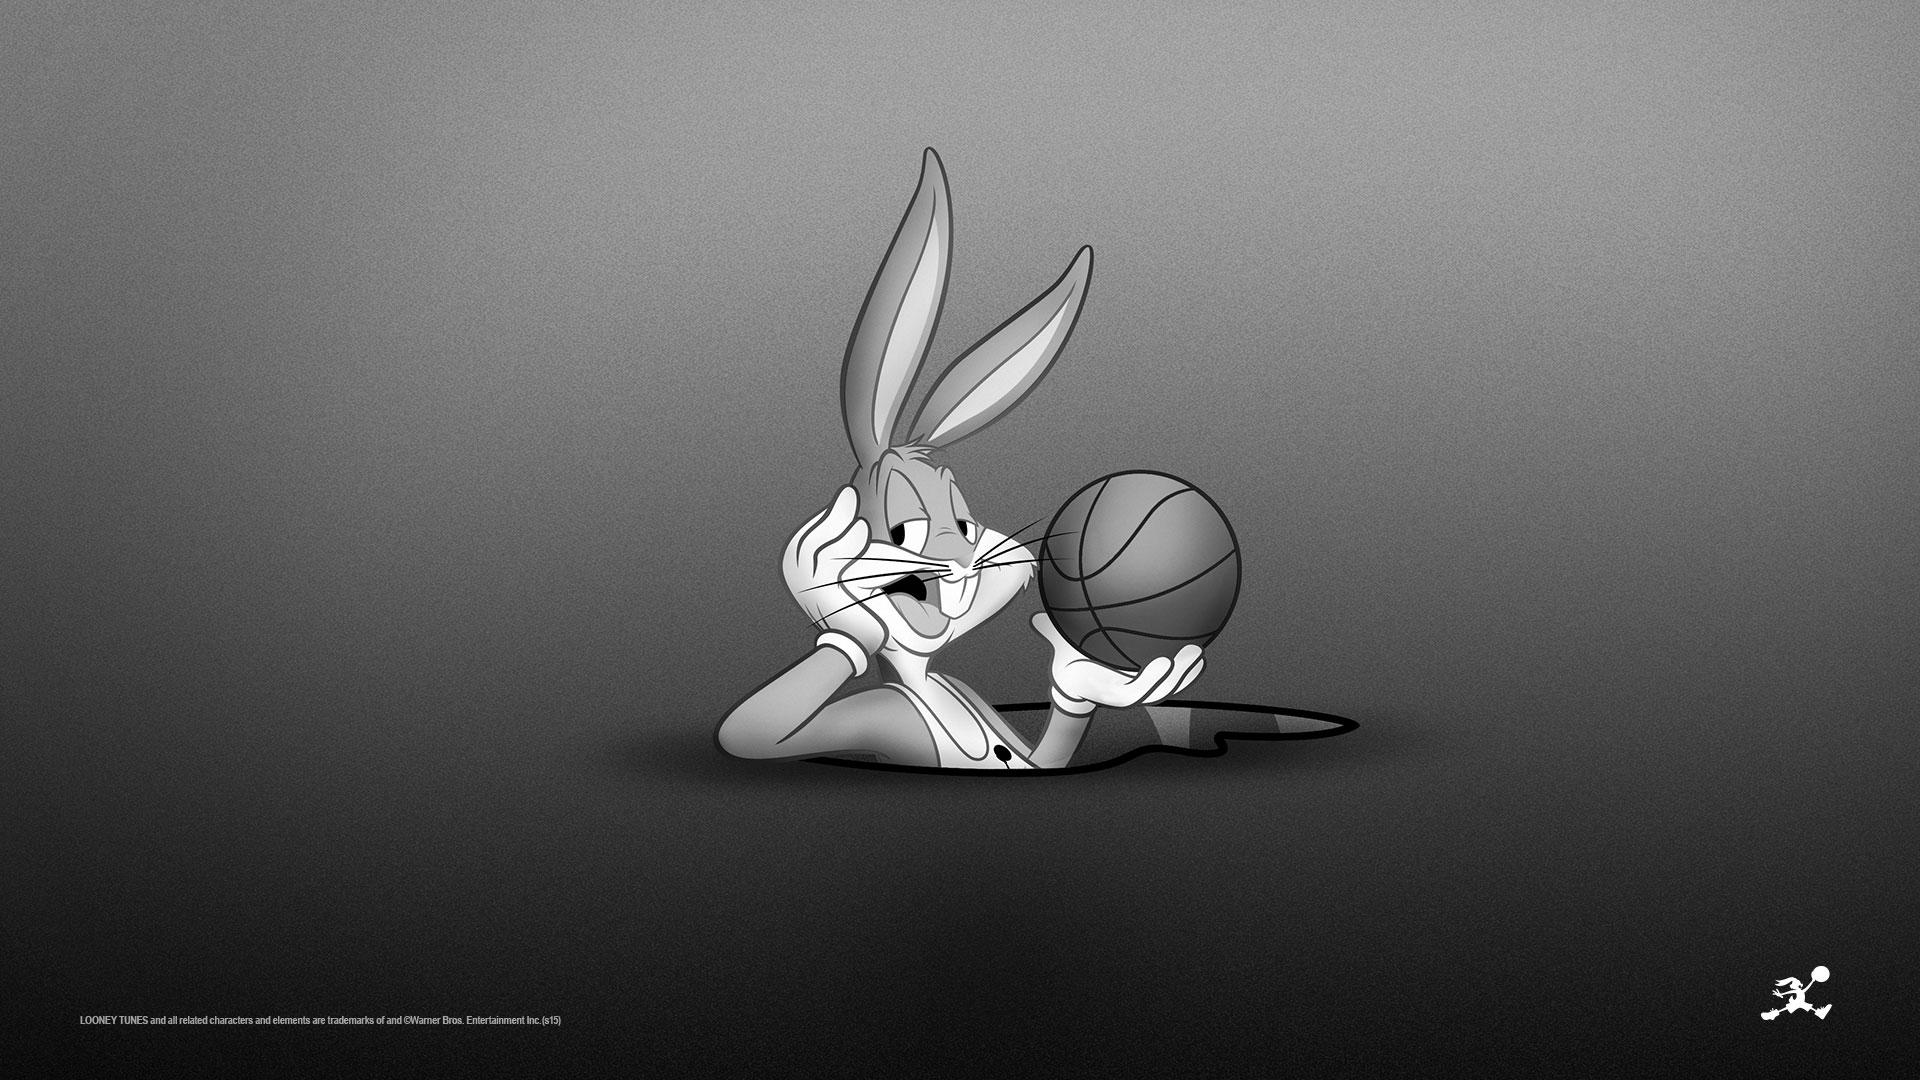 Jordan Hare Wallpaper - WallpaperSafari